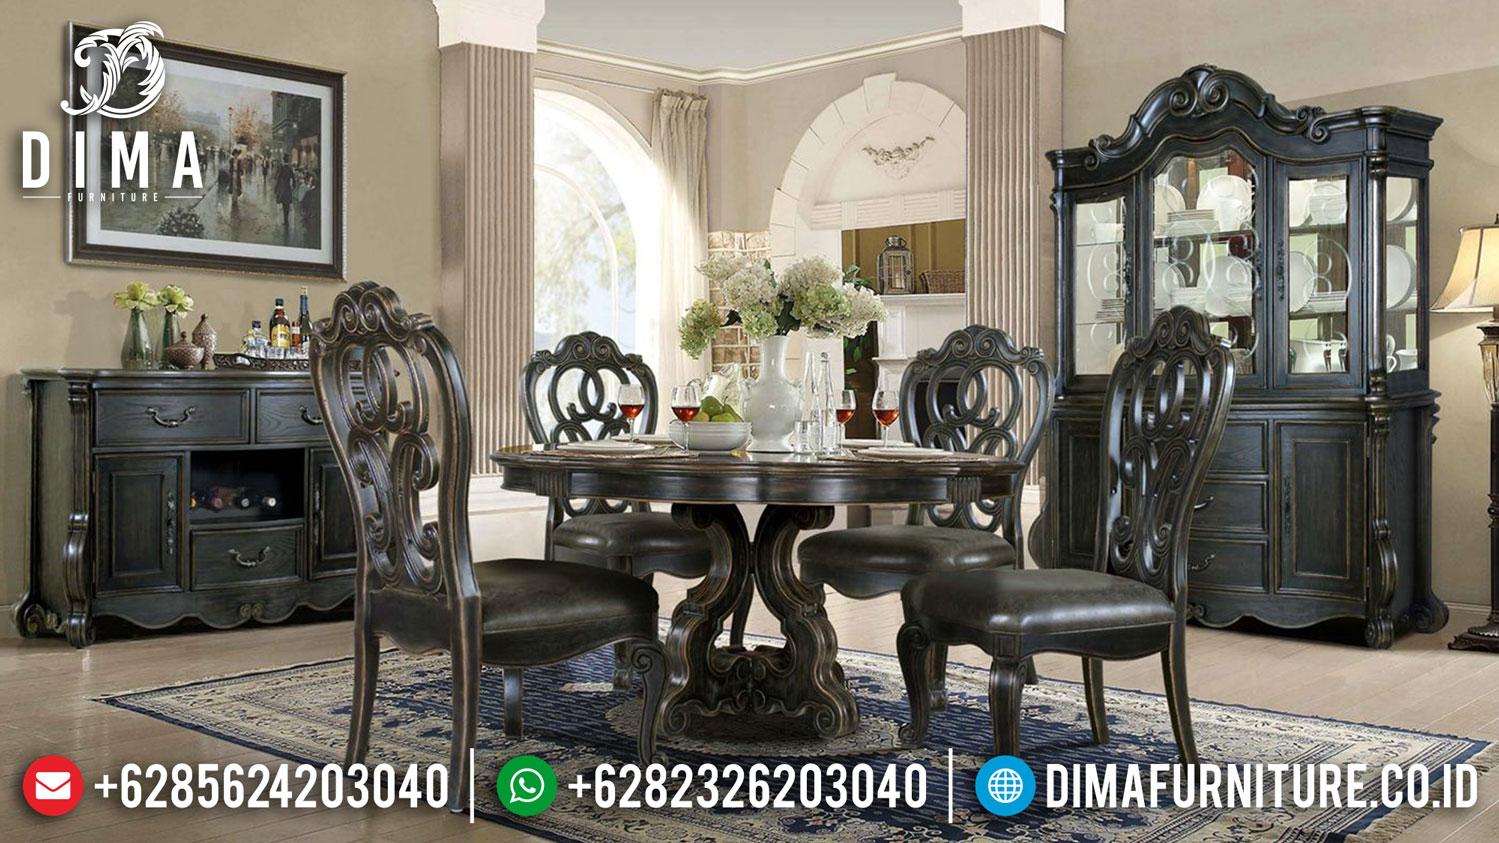 Sale Meja Makan Mewah Bundar Classic Design Luxury Black Vintage Color DF-1415